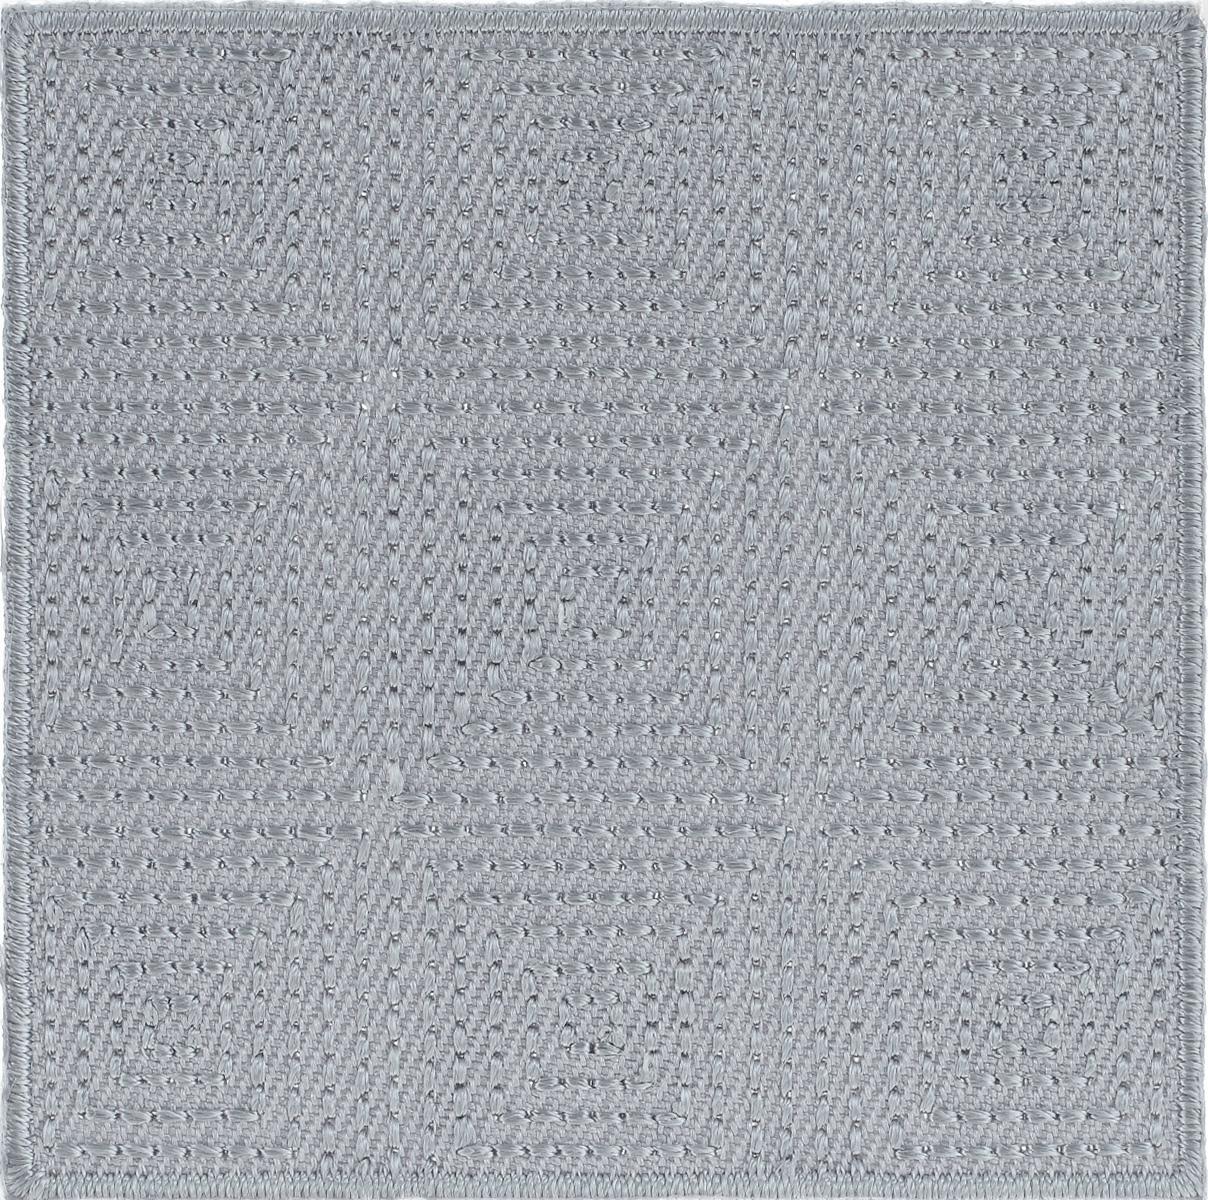 Термоаппликация Hobby&Pro, цвет: светло-серый, 6 х 6 см AD14267704212_св.серыйКлеевая термоаппликация Hobby&Pro изготовлена из плотного текстиля. Изделие выполнено в виде квадрата. Термоаппликация с обратной стороны оснащена клеевым слоем, благодаря которому при помощи утюга вы сможете быстро и легко закрепить изделие на ткани. С такой термоаппликацией любая вещь станет особенной.